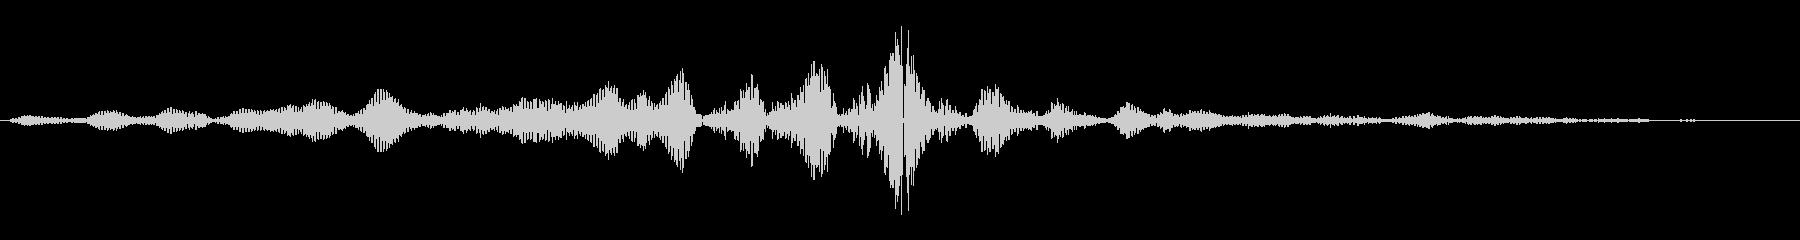 ビュイッ(通過音)短めの未再生の波形